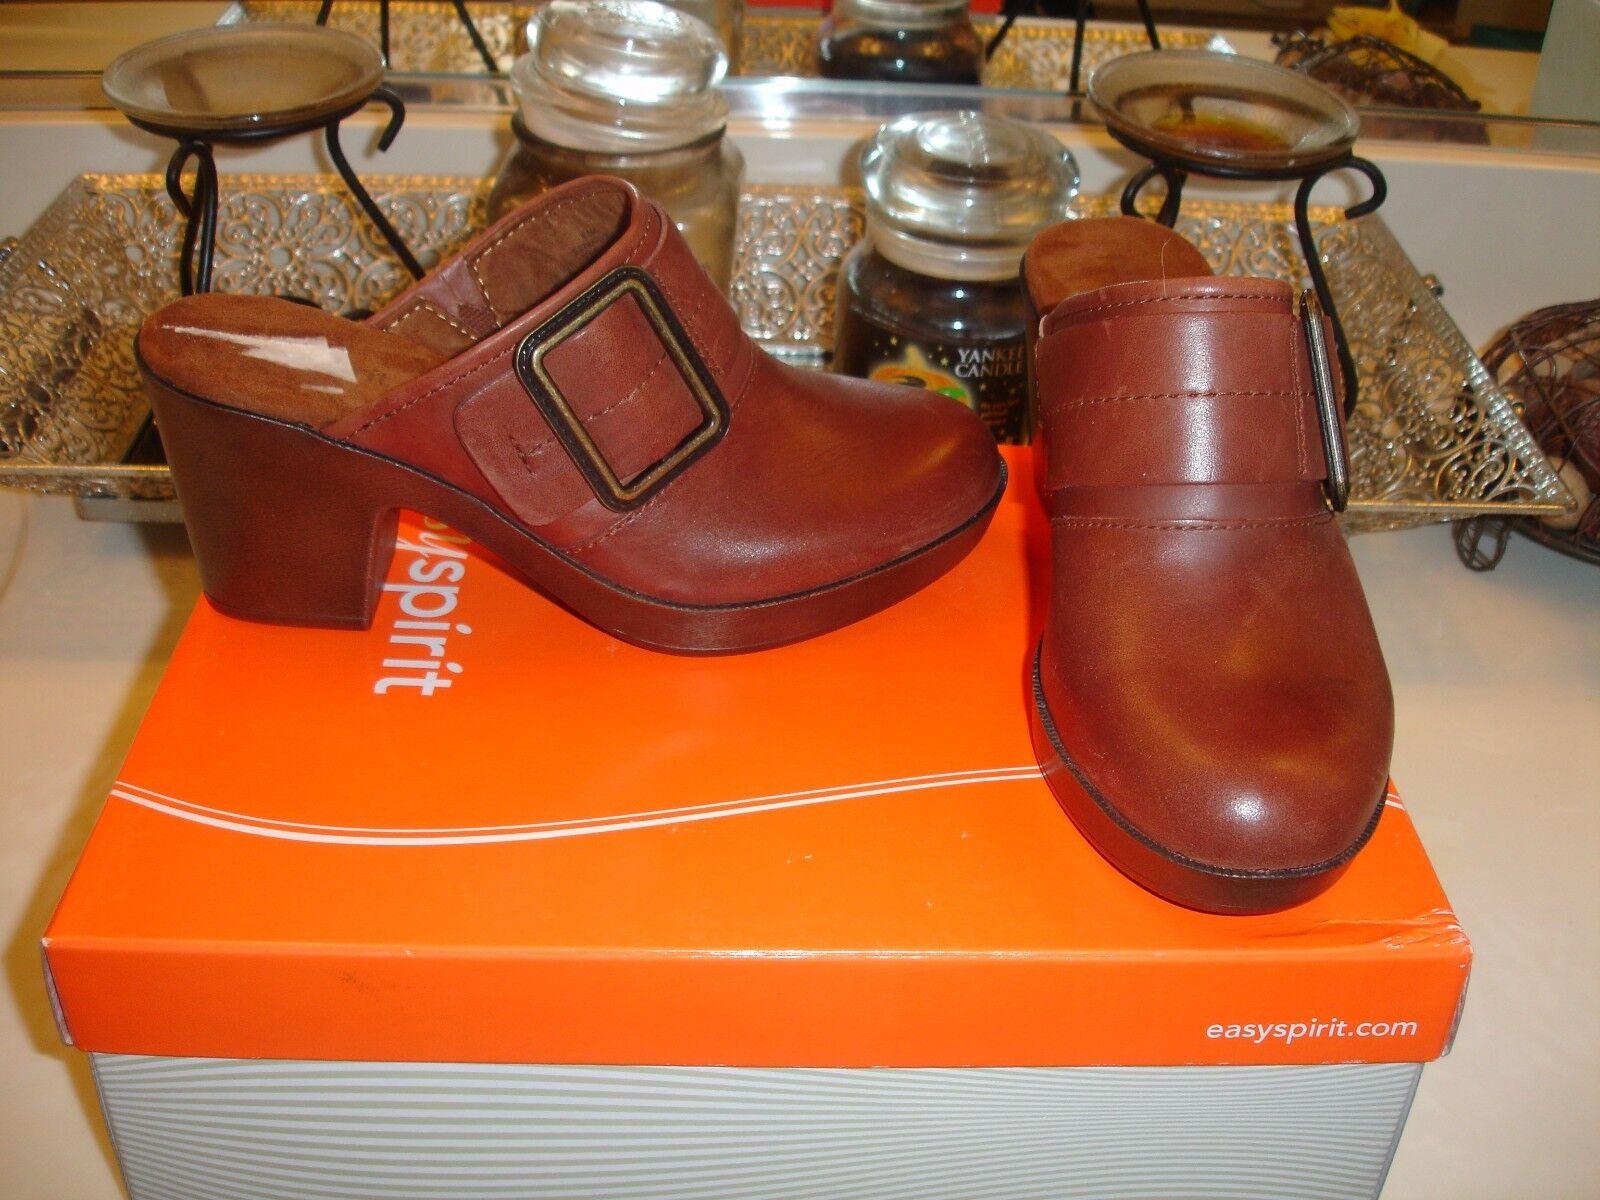 Easy Spirit Easyspirit Harvina Mule Braun Leder fun shoe quality Nice 89